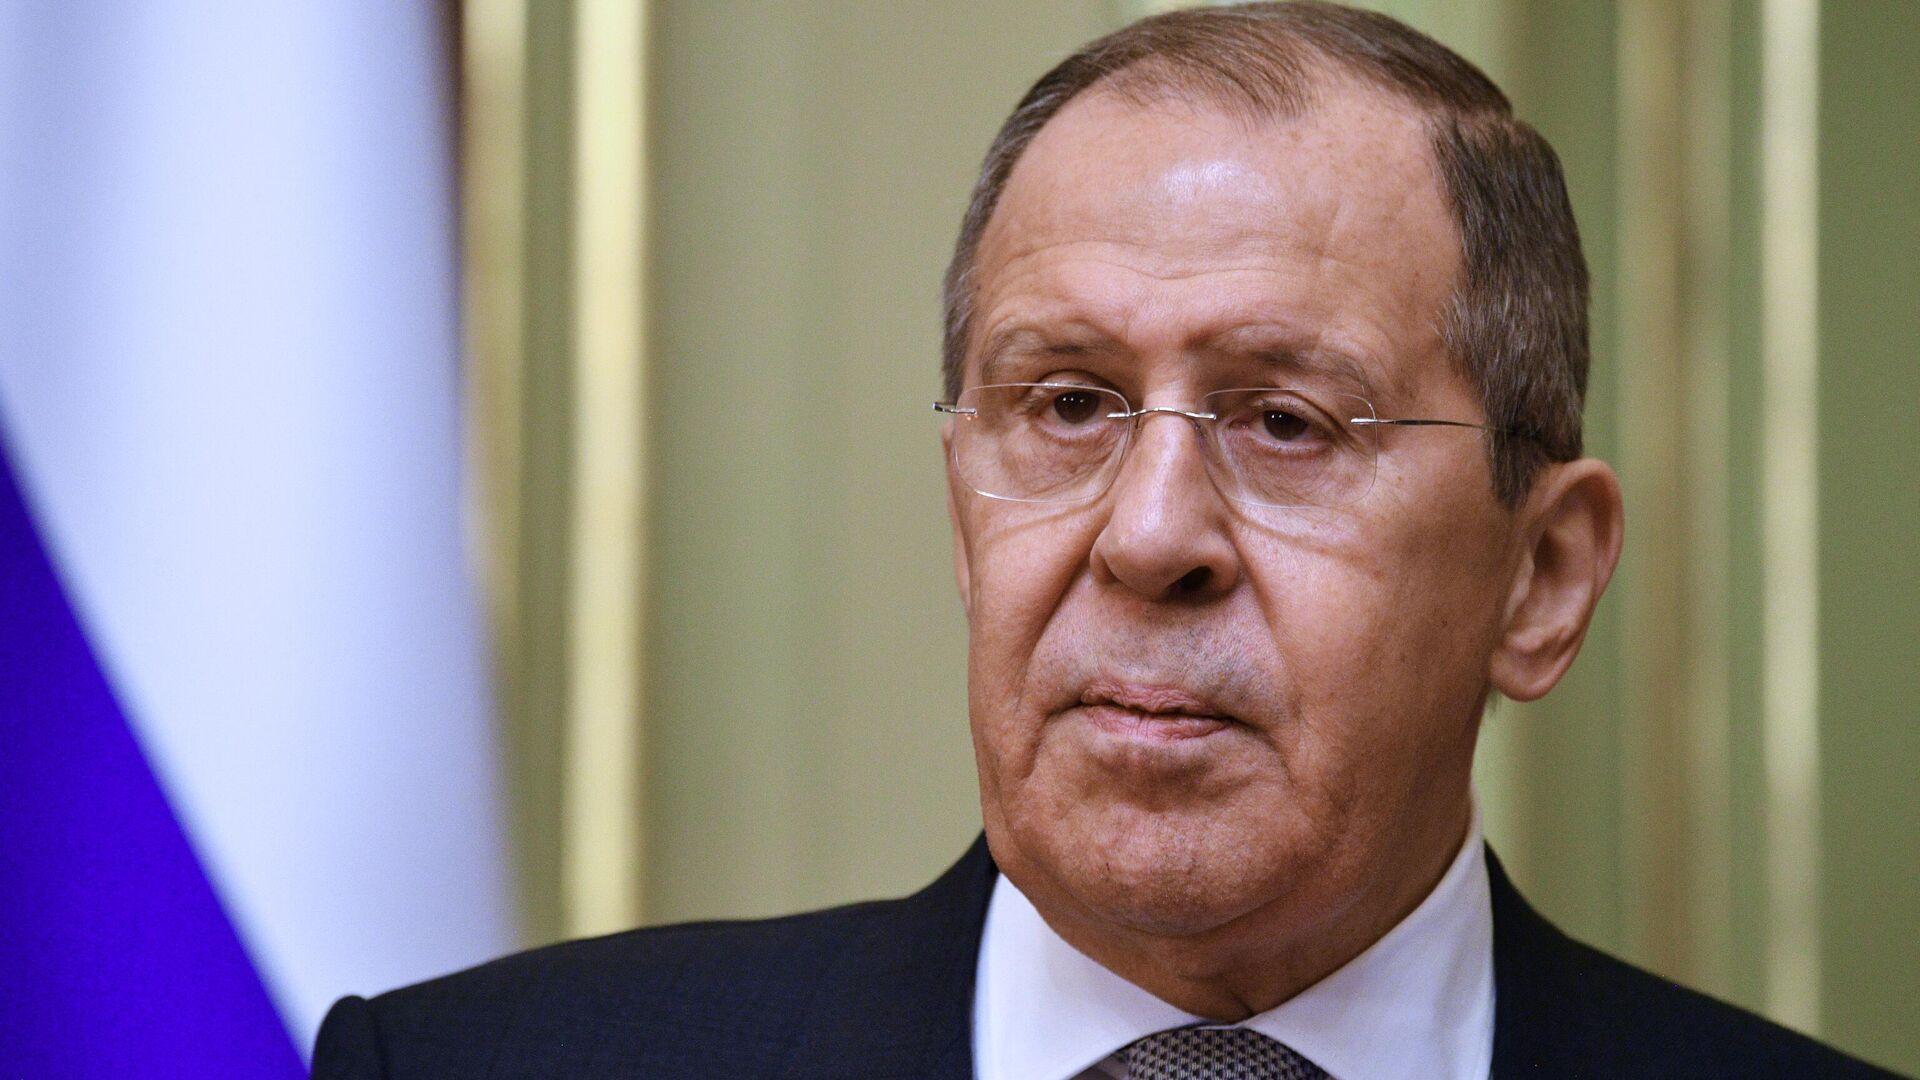 Лавров заявил о выработке Западом правил за спиной мирового сообщества